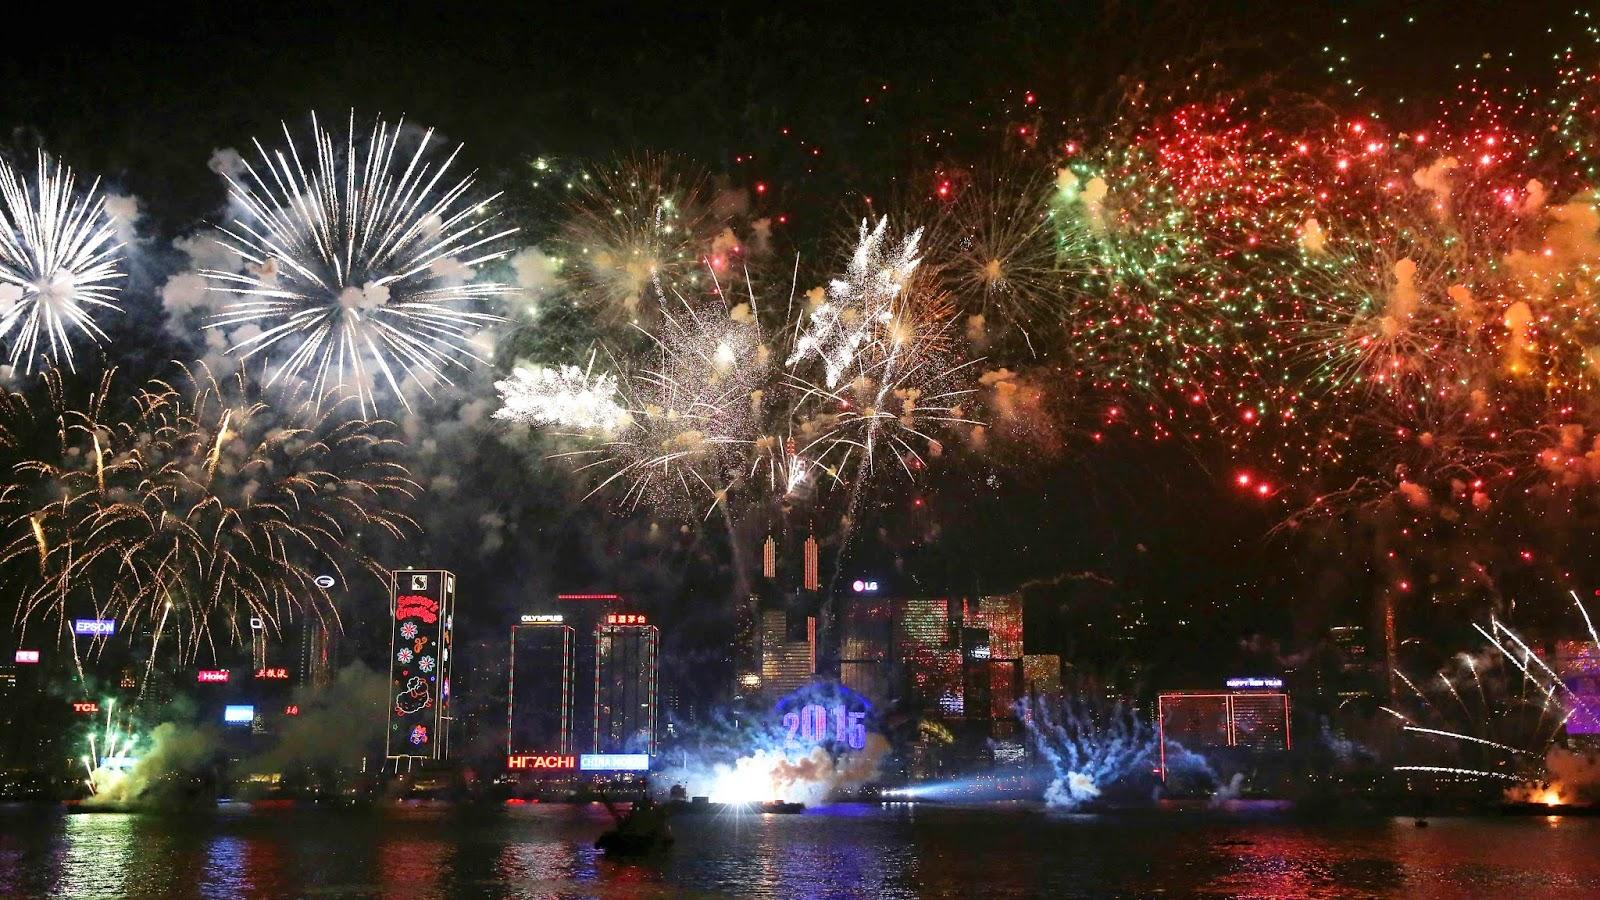 Pesta kembang api tahun baru 2015 yang begitu meriah di Victoria Harbor, Hong Kong.